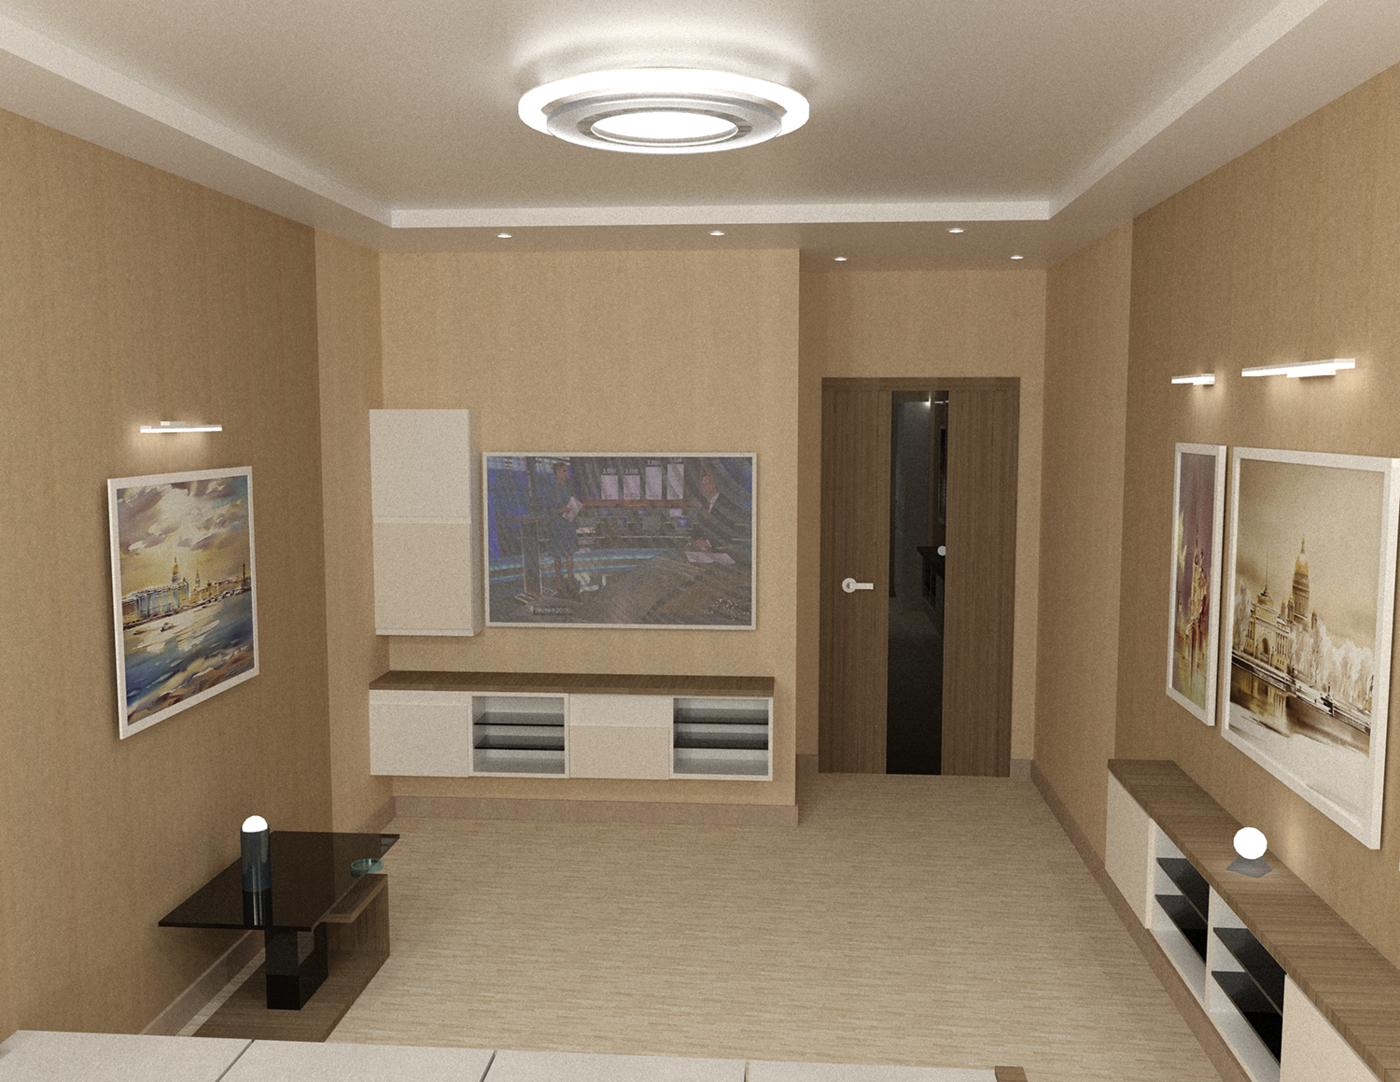 Дизайн и визуализация. Дизайн проект квартиры (ул.Красуцкого, д.3)